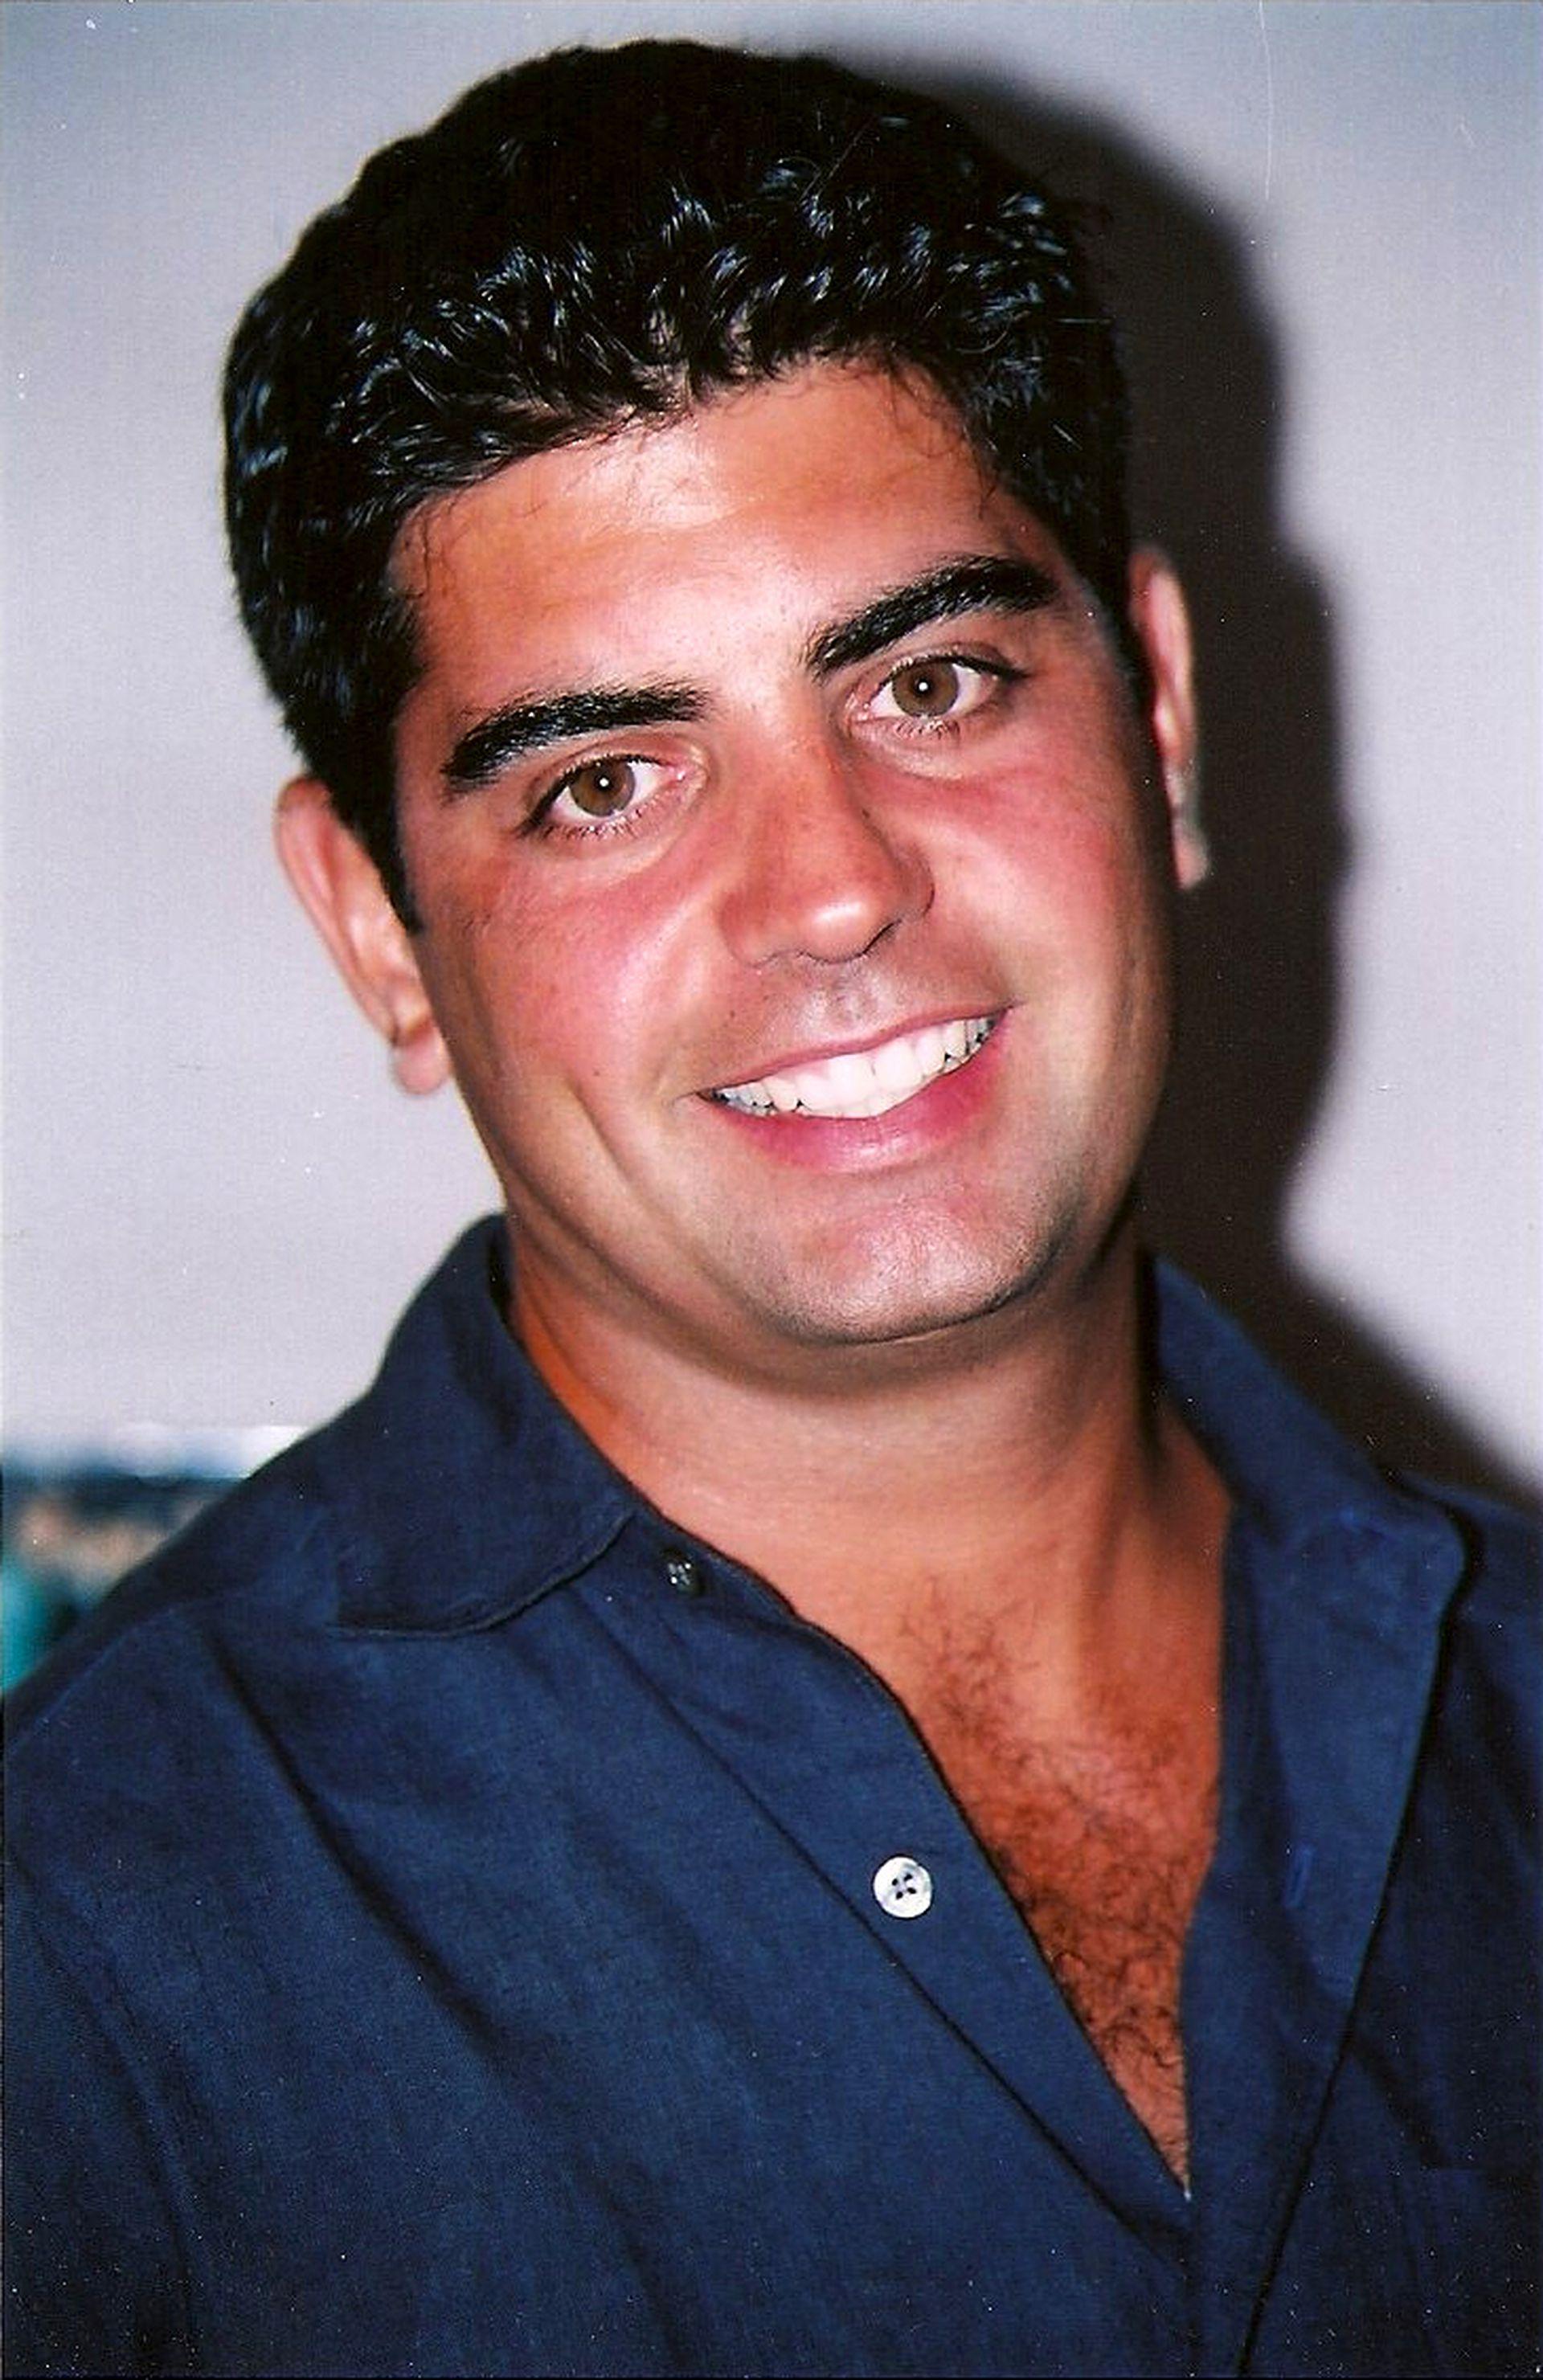 Sergio Villanueva, oriundo de Bahía Blanca, tenía 33 años y ejercía como bombero al momento del atentado; le correspondía volver a su casa, pero se dirigió al World Trade Center a colaborar con el combate de los incendios (Gentileza: Tanya Villanueva Tepper)